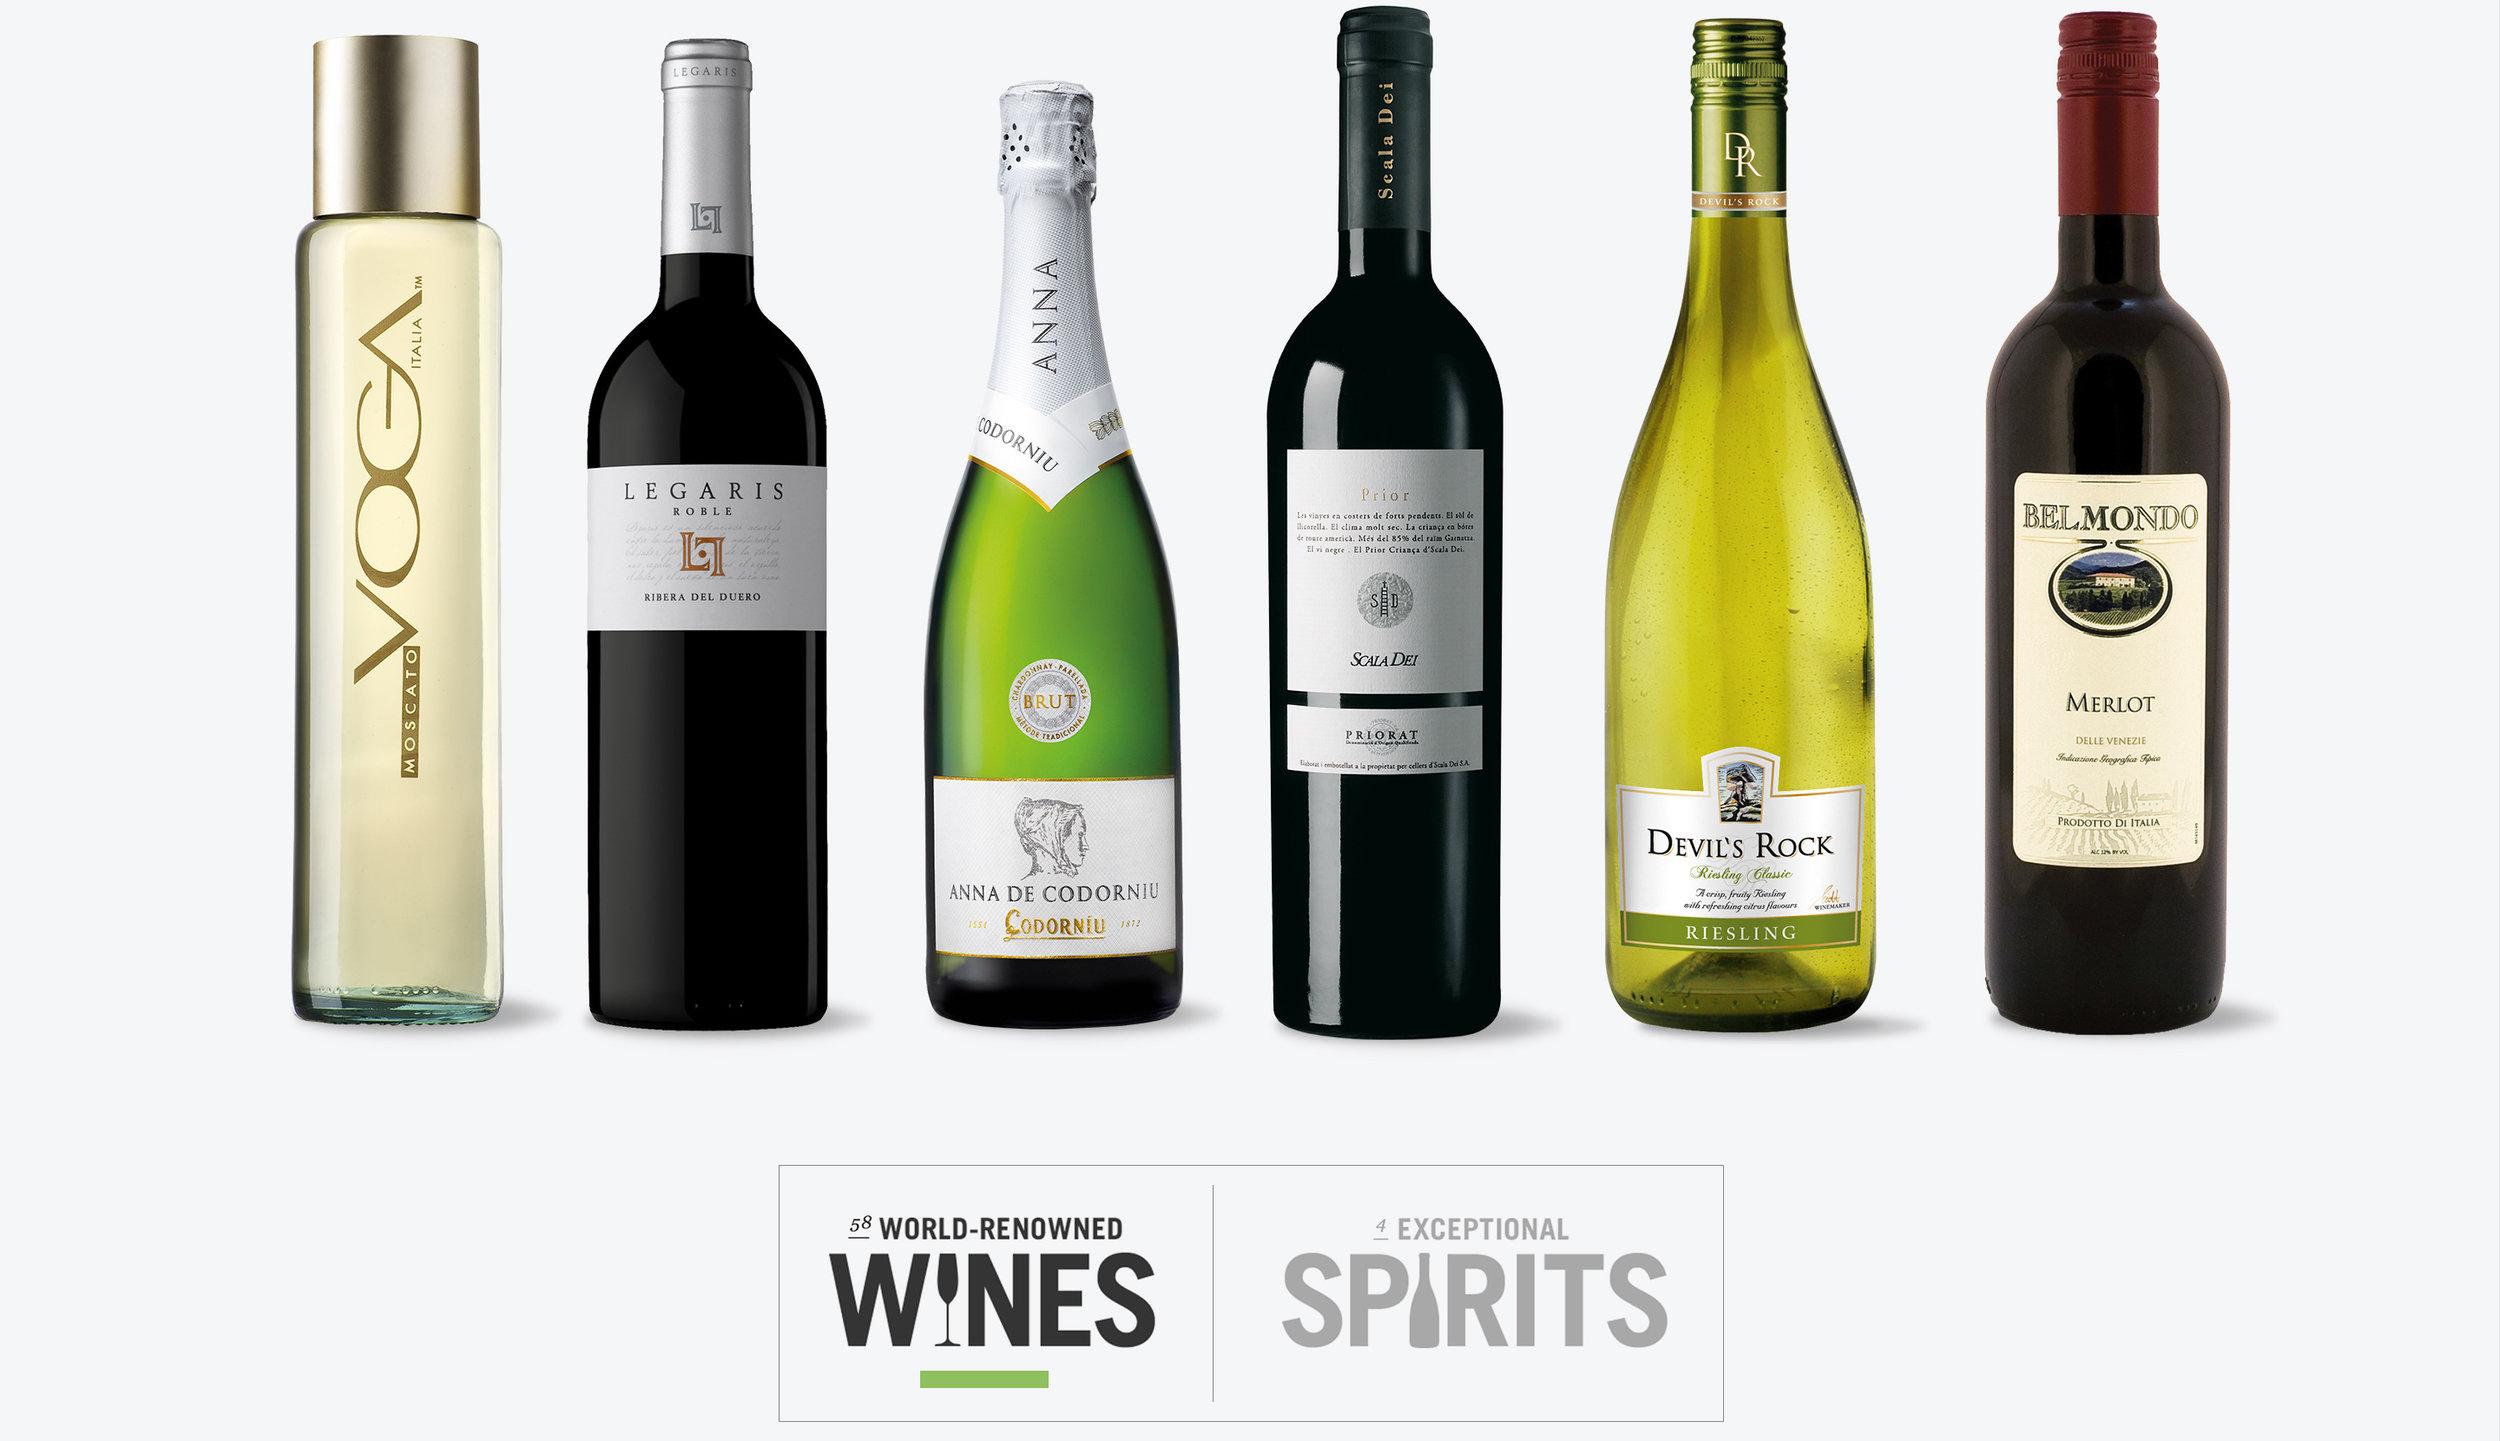 AV_Bottles_Wines.jpg